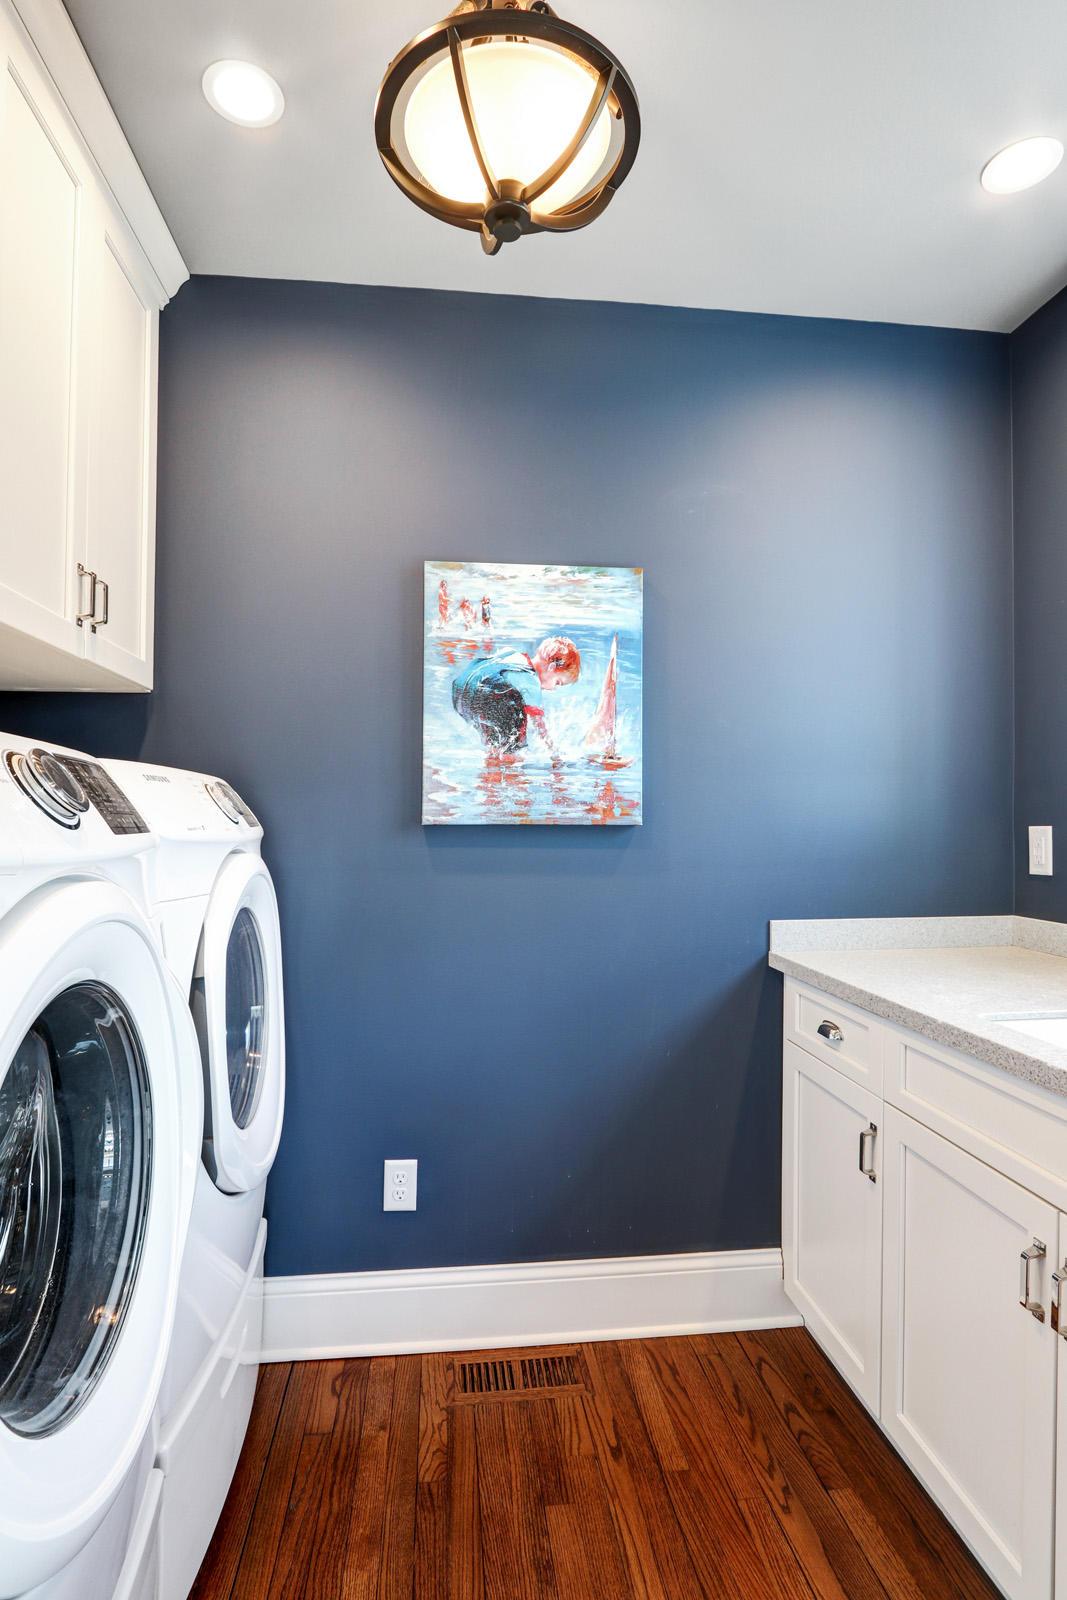 Laundry Room on Main